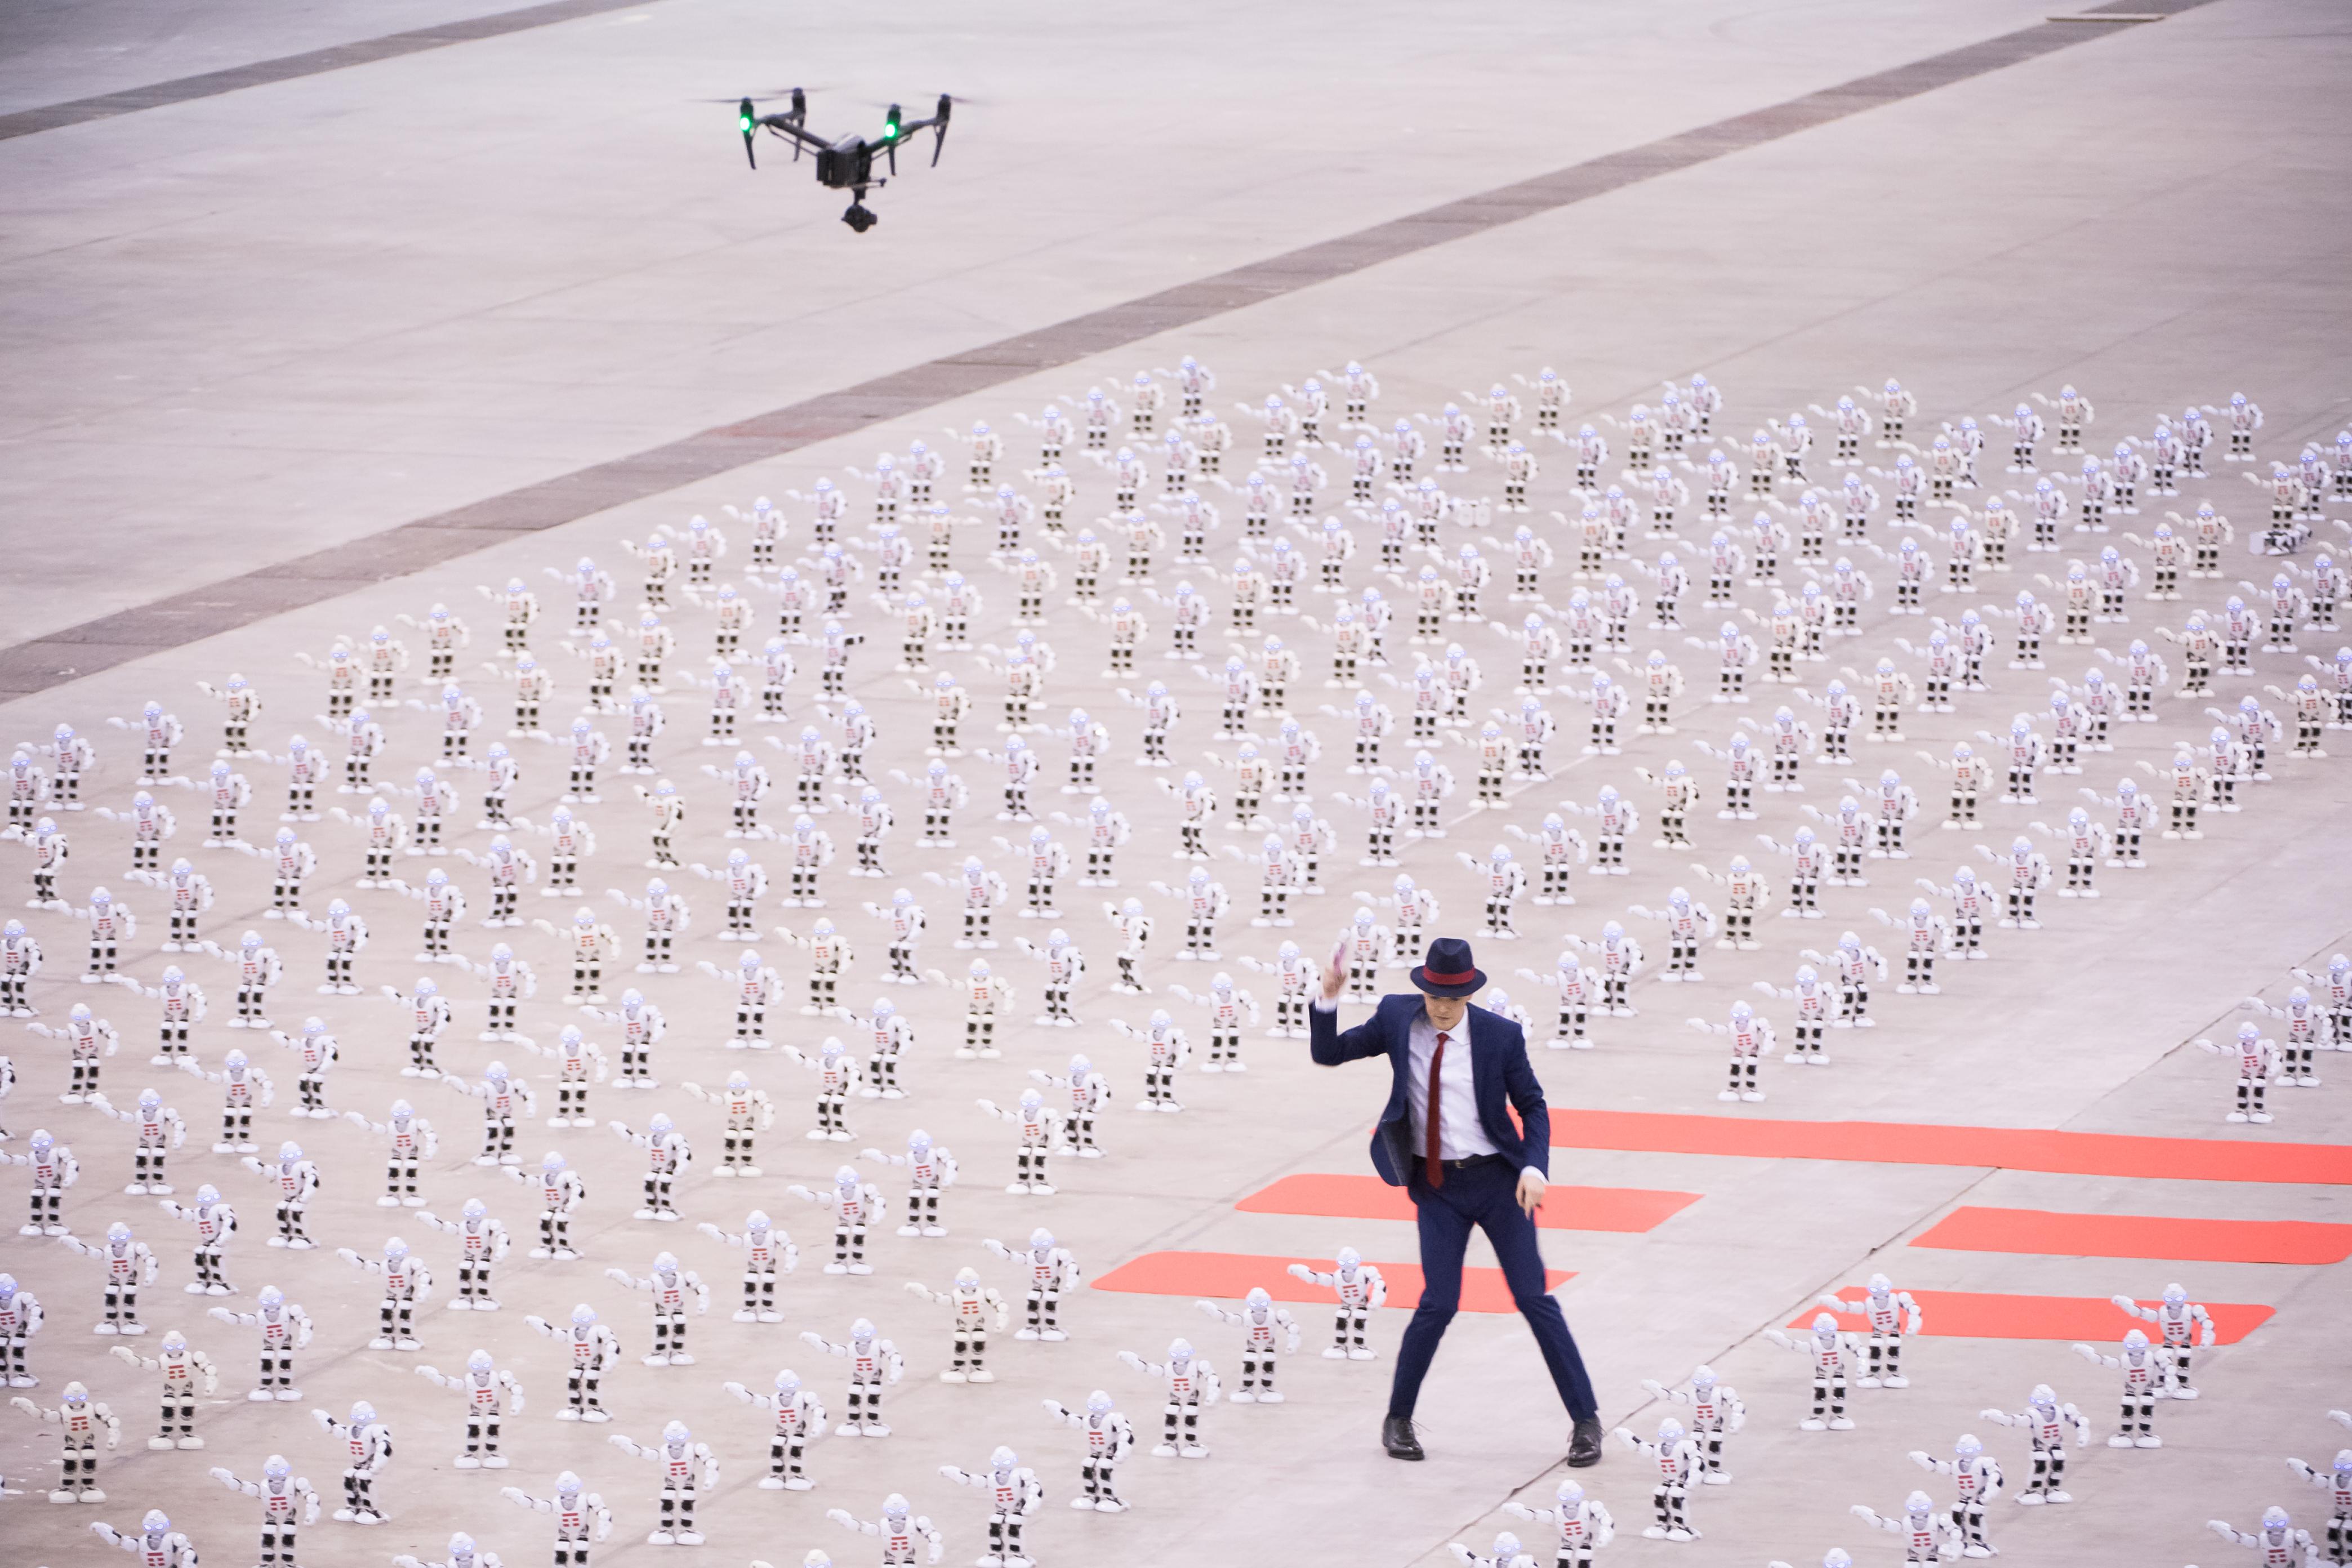 tim-spot-sven-otten-dancer-drone-robot